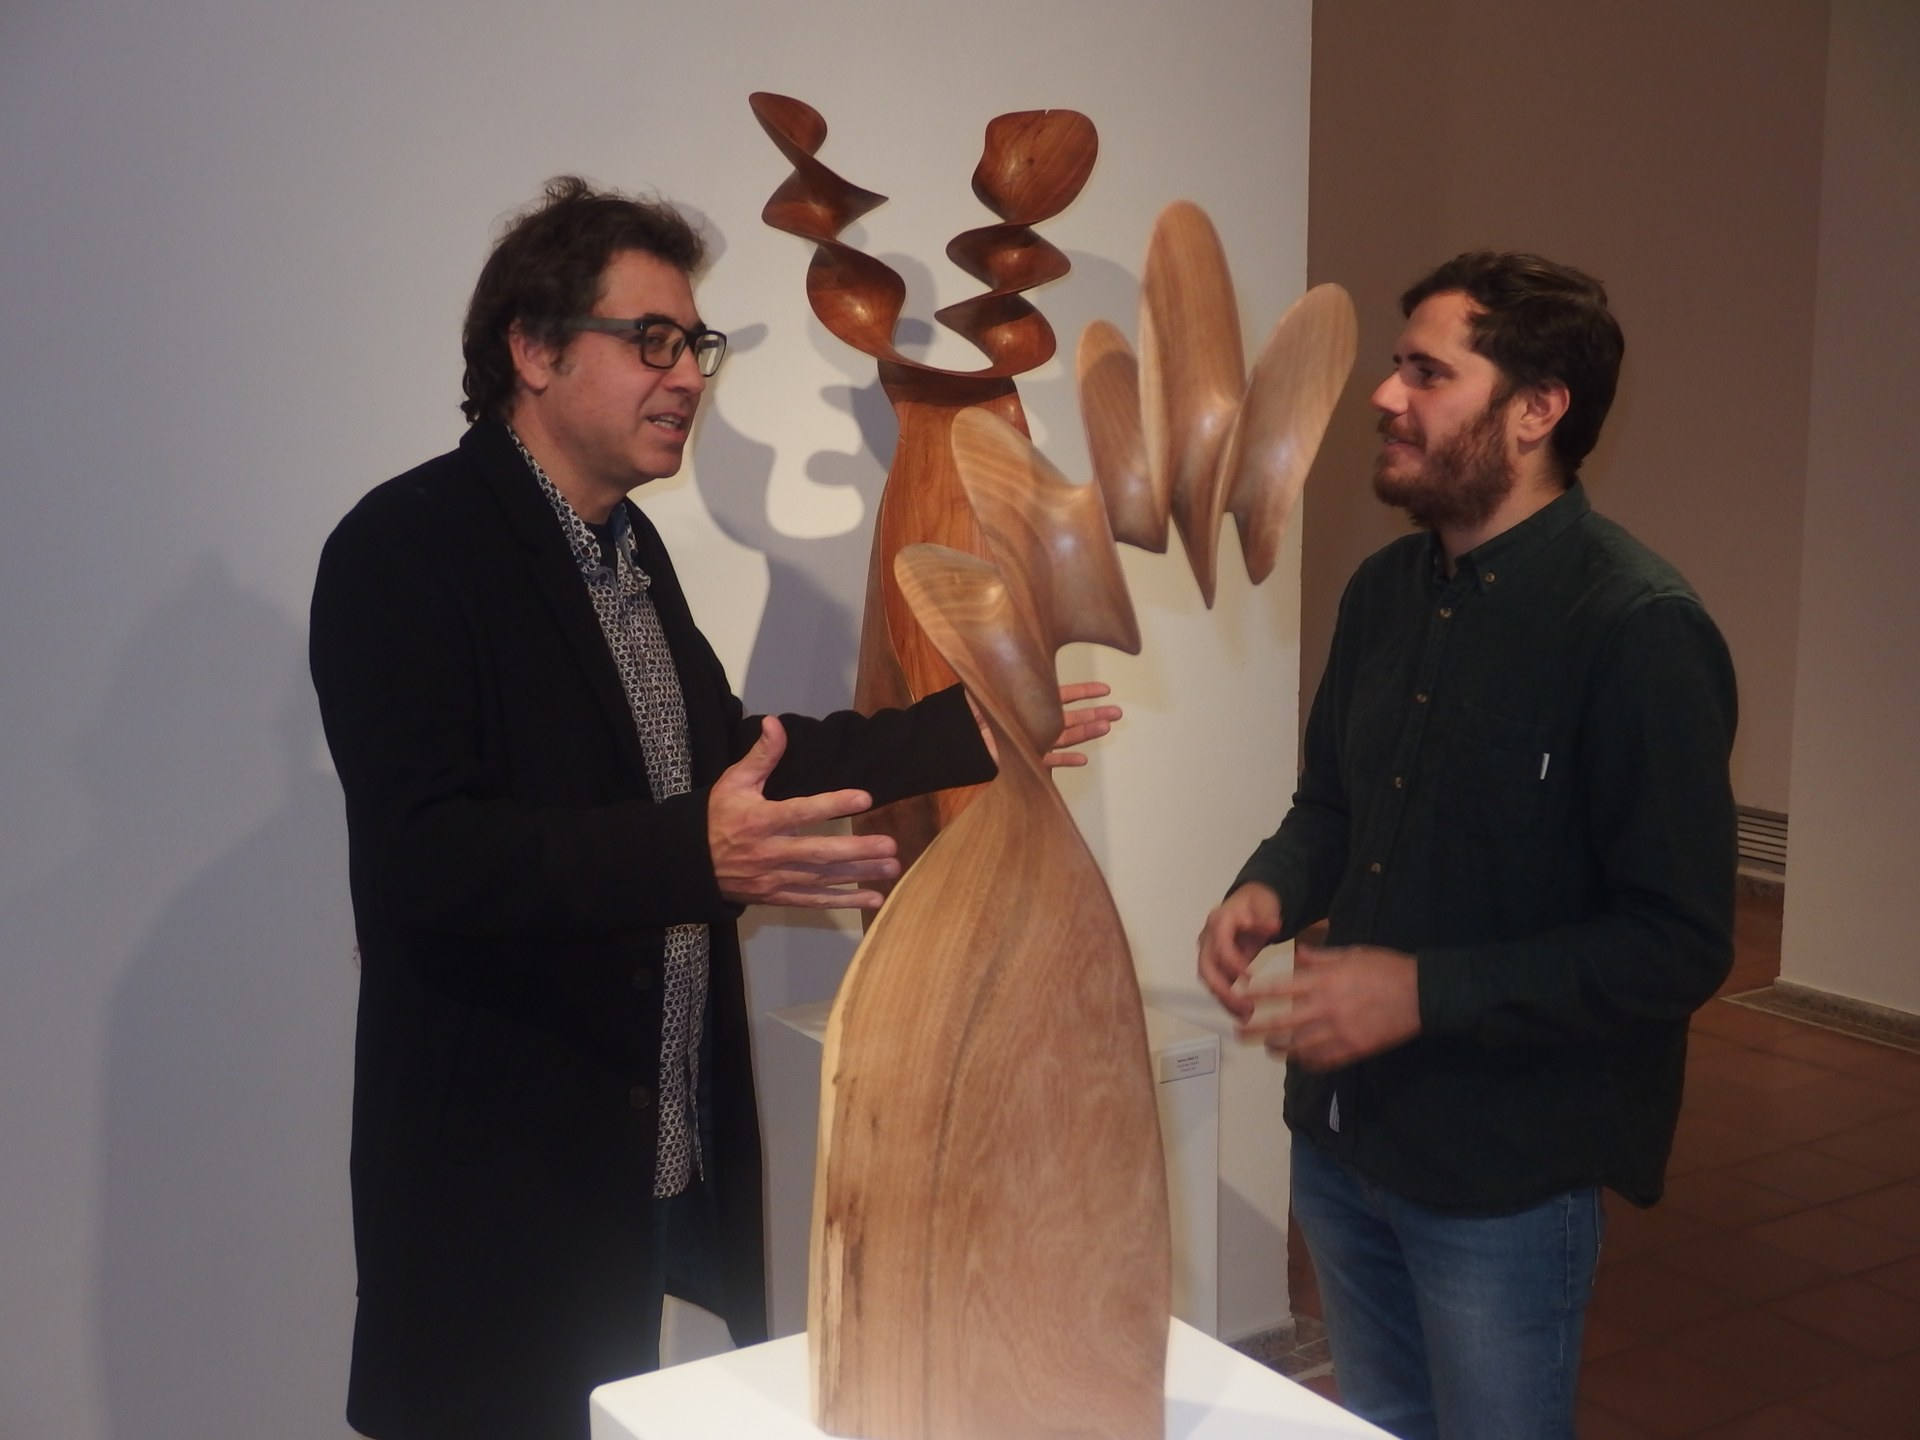 L'escutor Xavier Puente i el regidor Xavier Salmerón a la mostra d'escultures 'Xavier Puente'